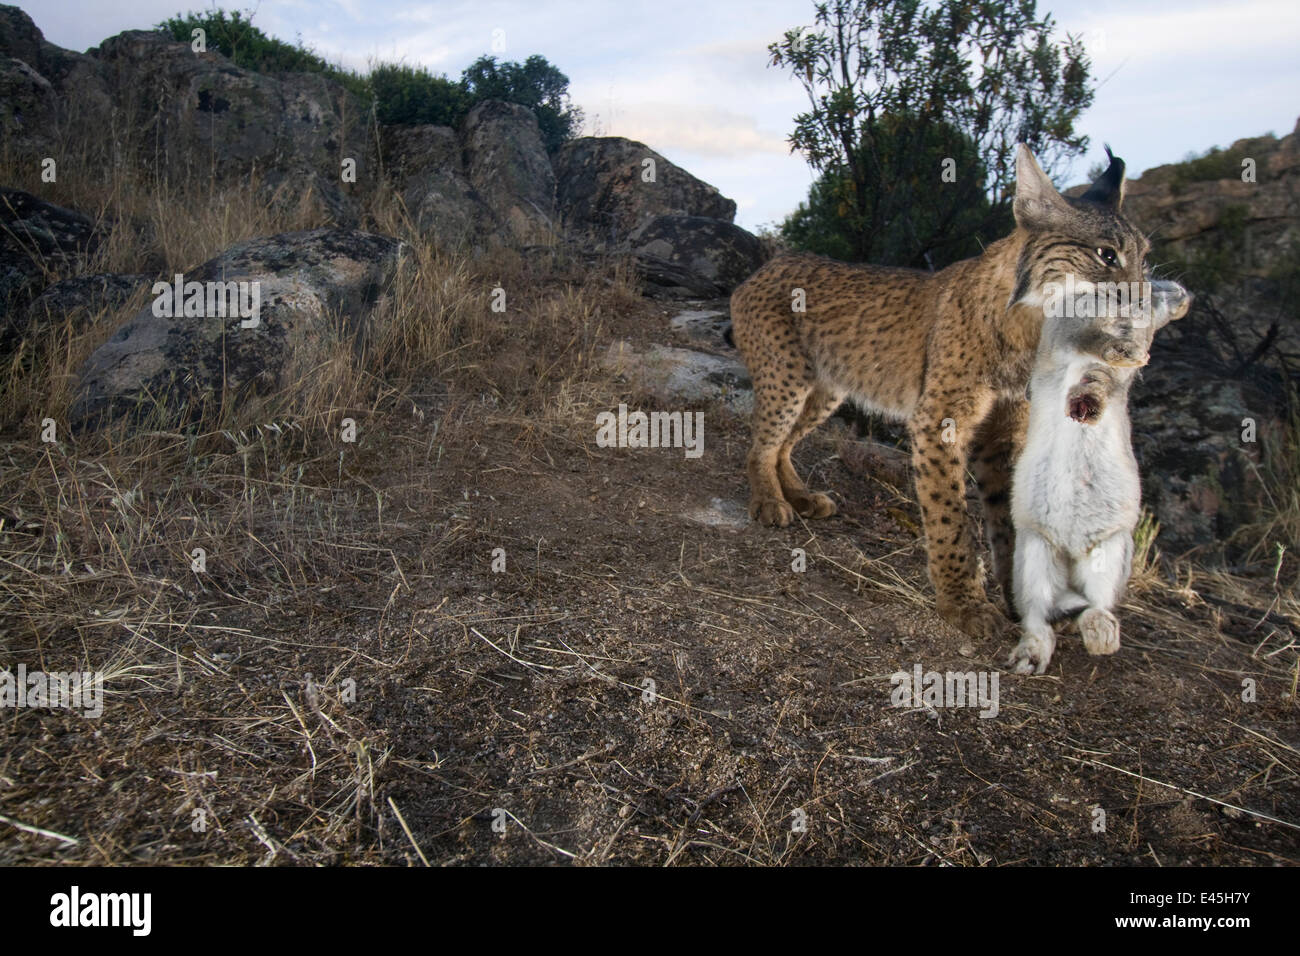 Wilde Iberische Luchs (Lynx Pardinus) männlich mit Kaninchen Beute, Naturpark Sierra de Andújar, mediterranen Wald der Sierra Morena, Provinz Nord Ost Jaén, Andalusien, Spanien, Mai 2009, vom Aussterben bedroht Stockfoto